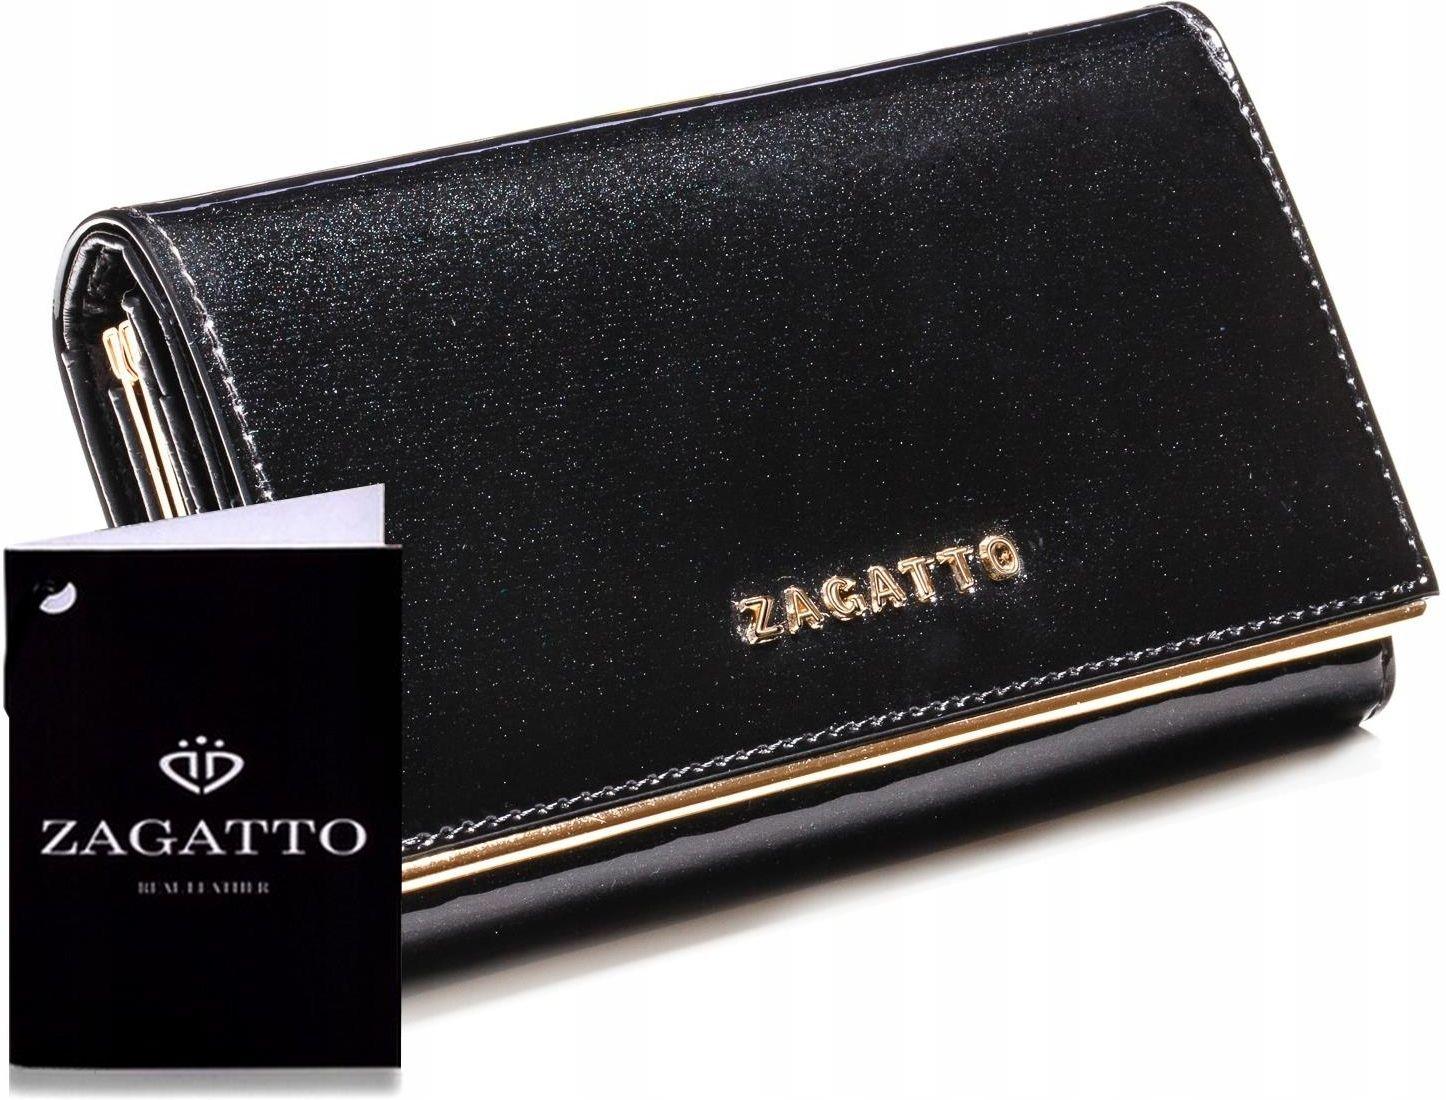 692b80d6c45b7 Markowy skórzany portfel damski Zagatto Rfid black - Ceny i opinie ...